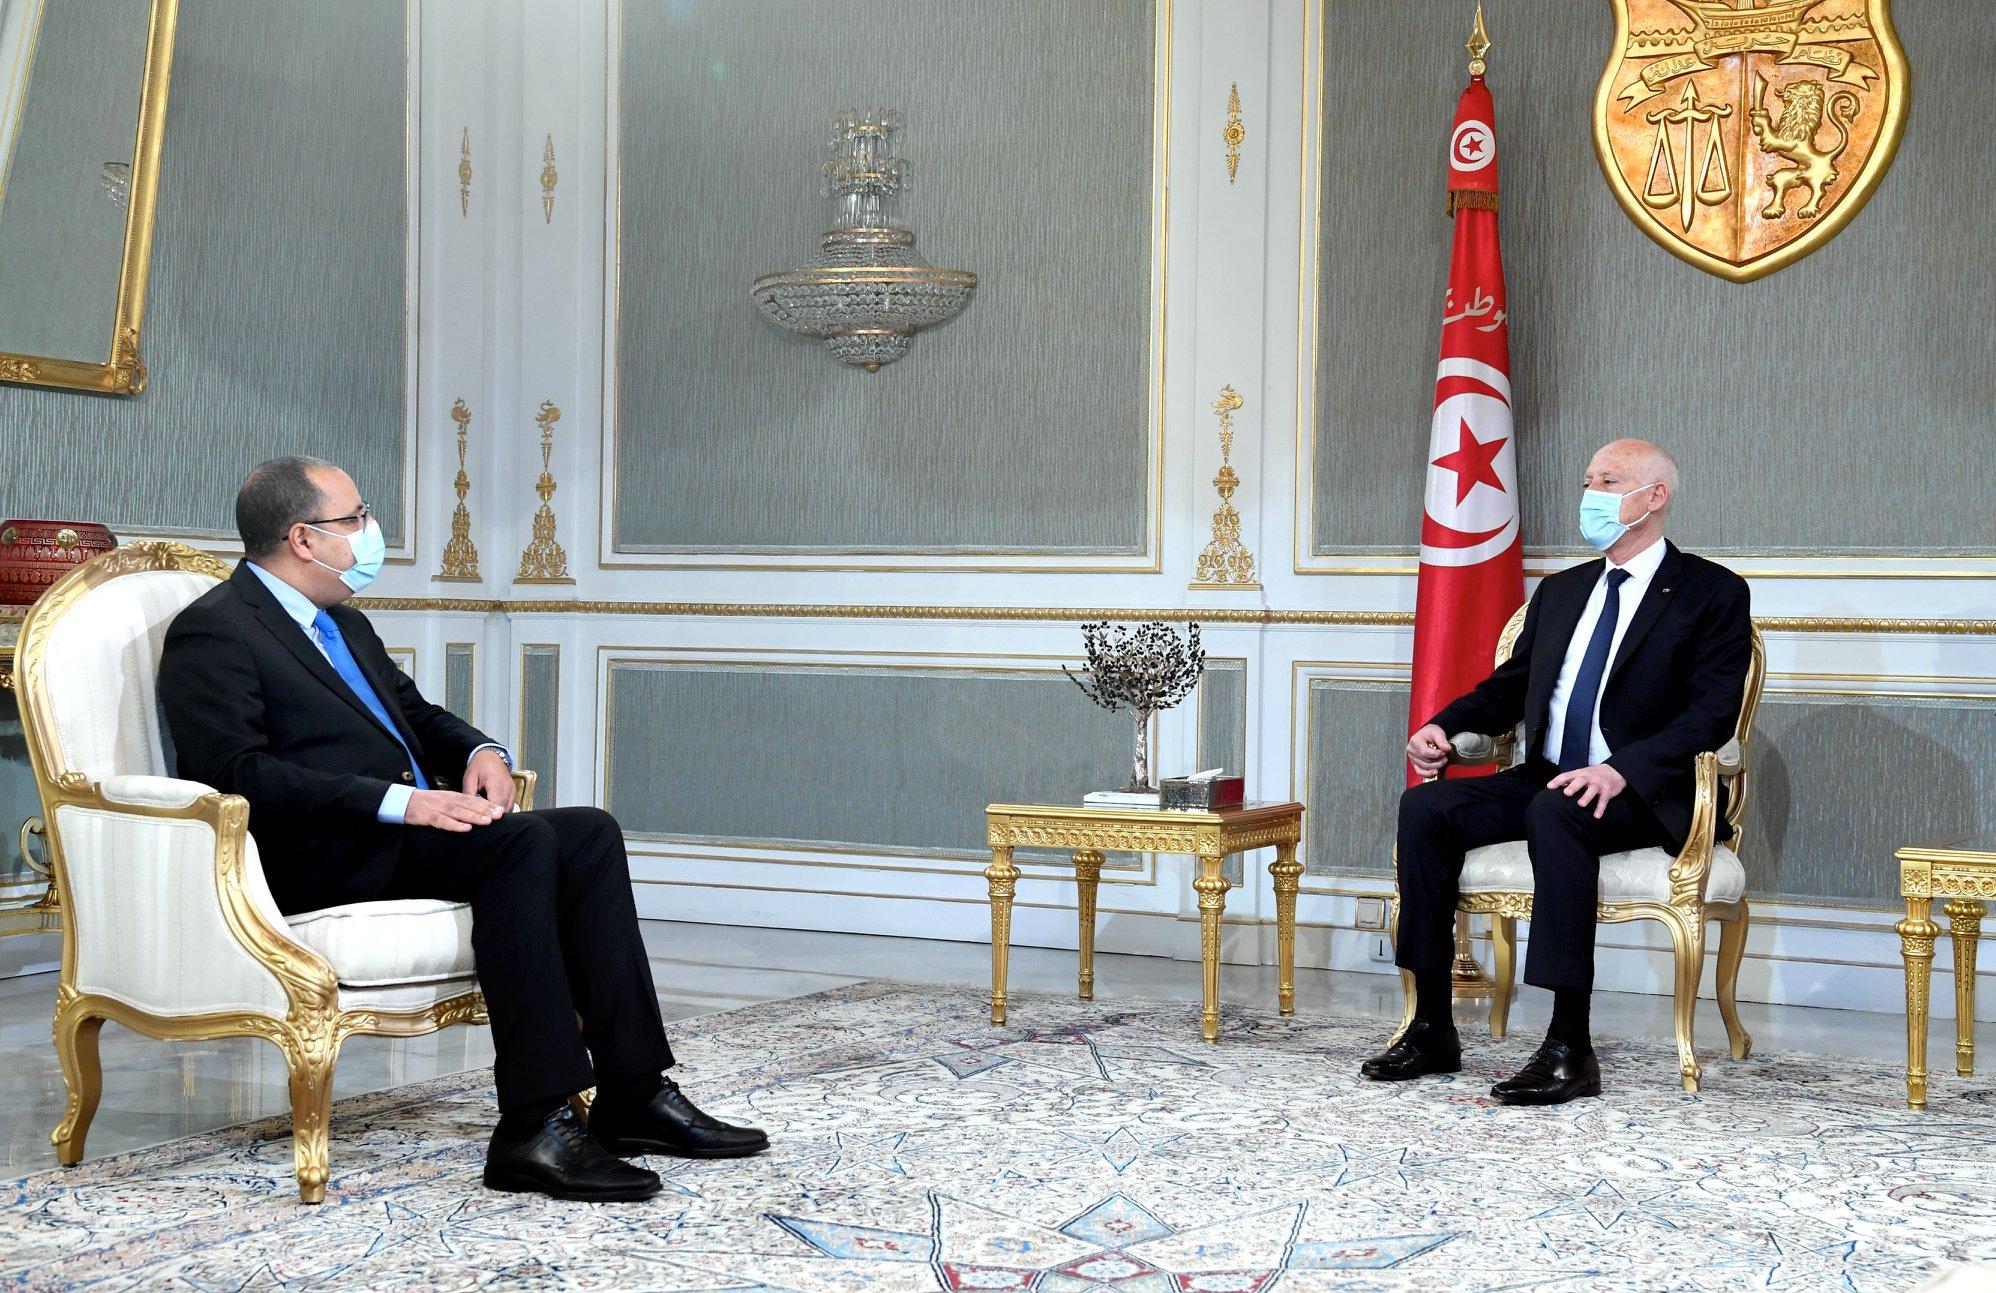 Tunisie : Quelle sera l'étape suivante pour Kais Saied après la formation du nouveau gouvernement ?